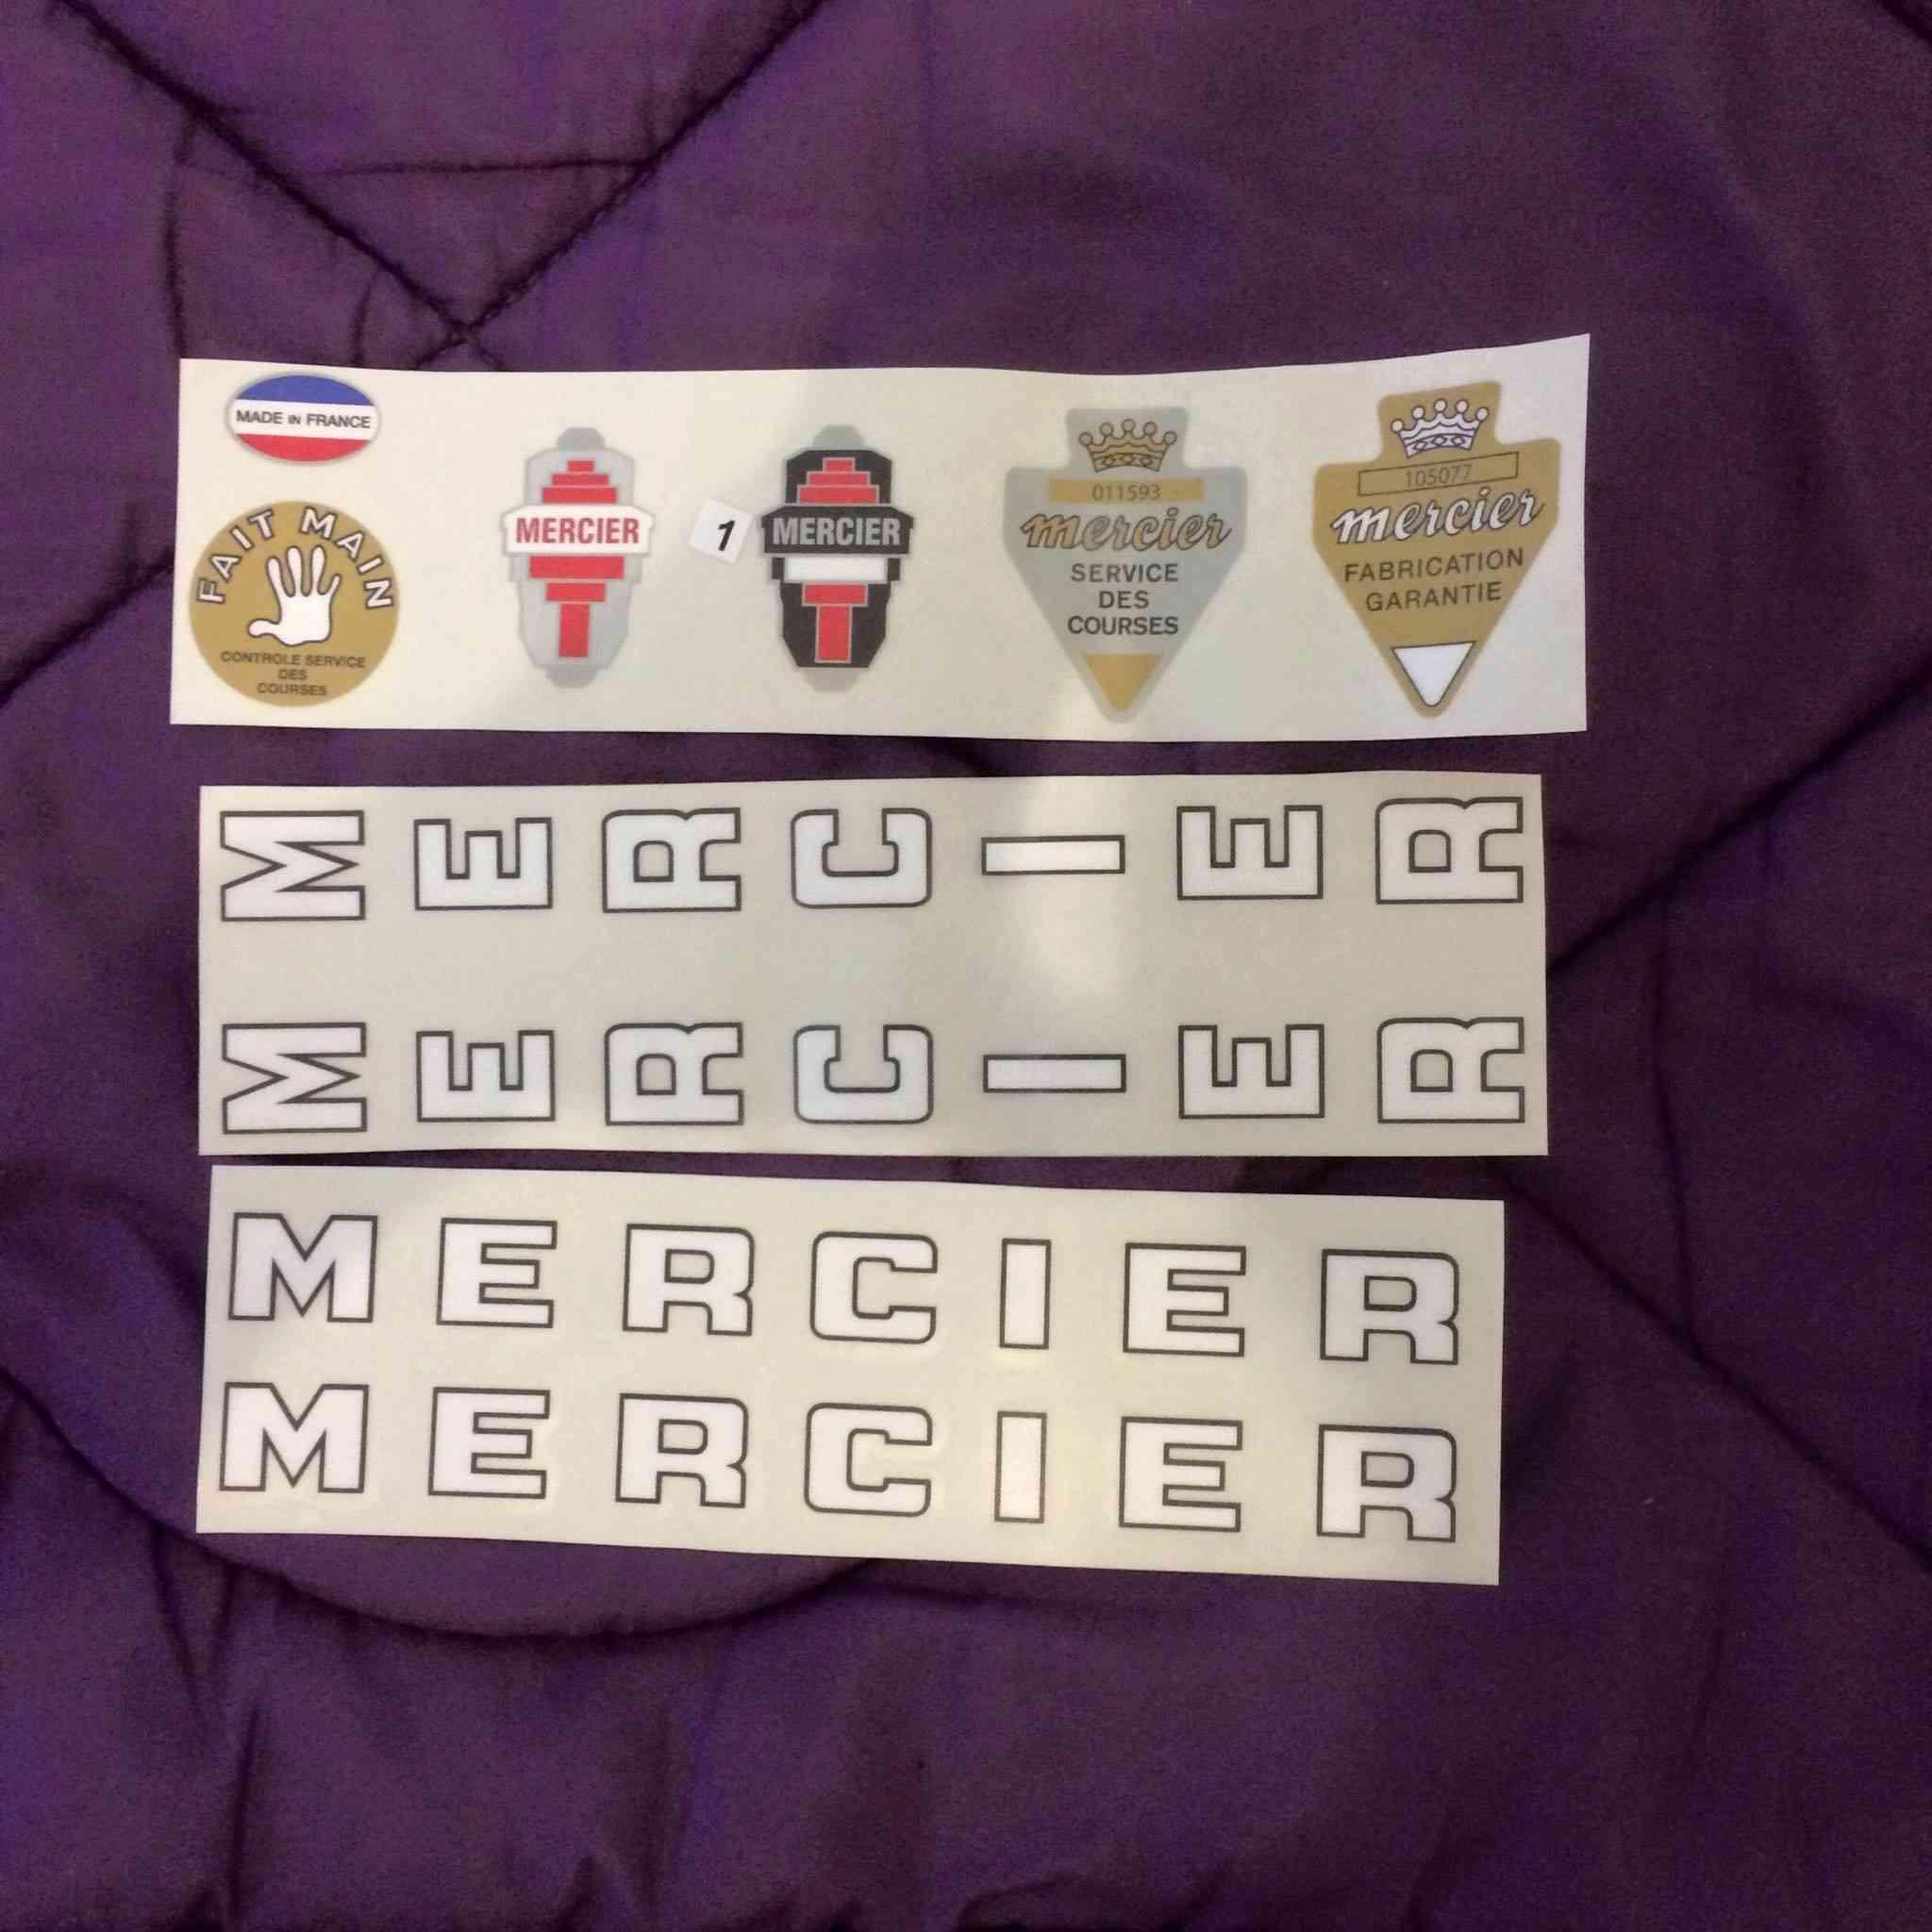 Mercier Tour de France Service des courses  Img_0994